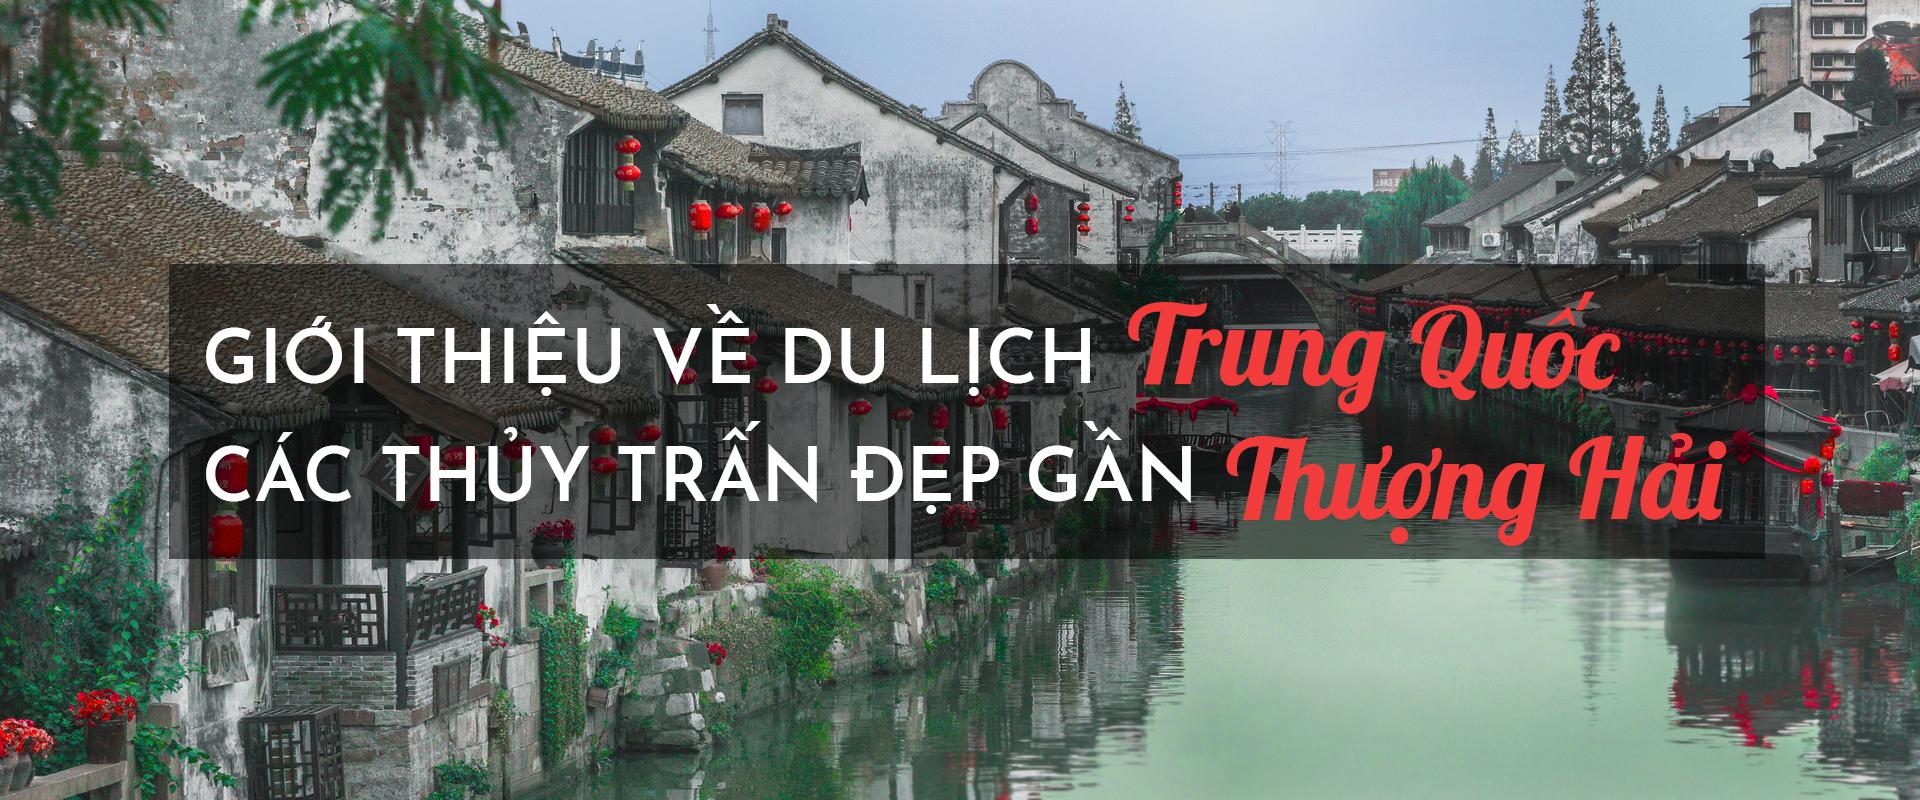 Giới thiệu về du lịch Trung Quốc: Các thủy trấn đẹp gần Thượng Hải